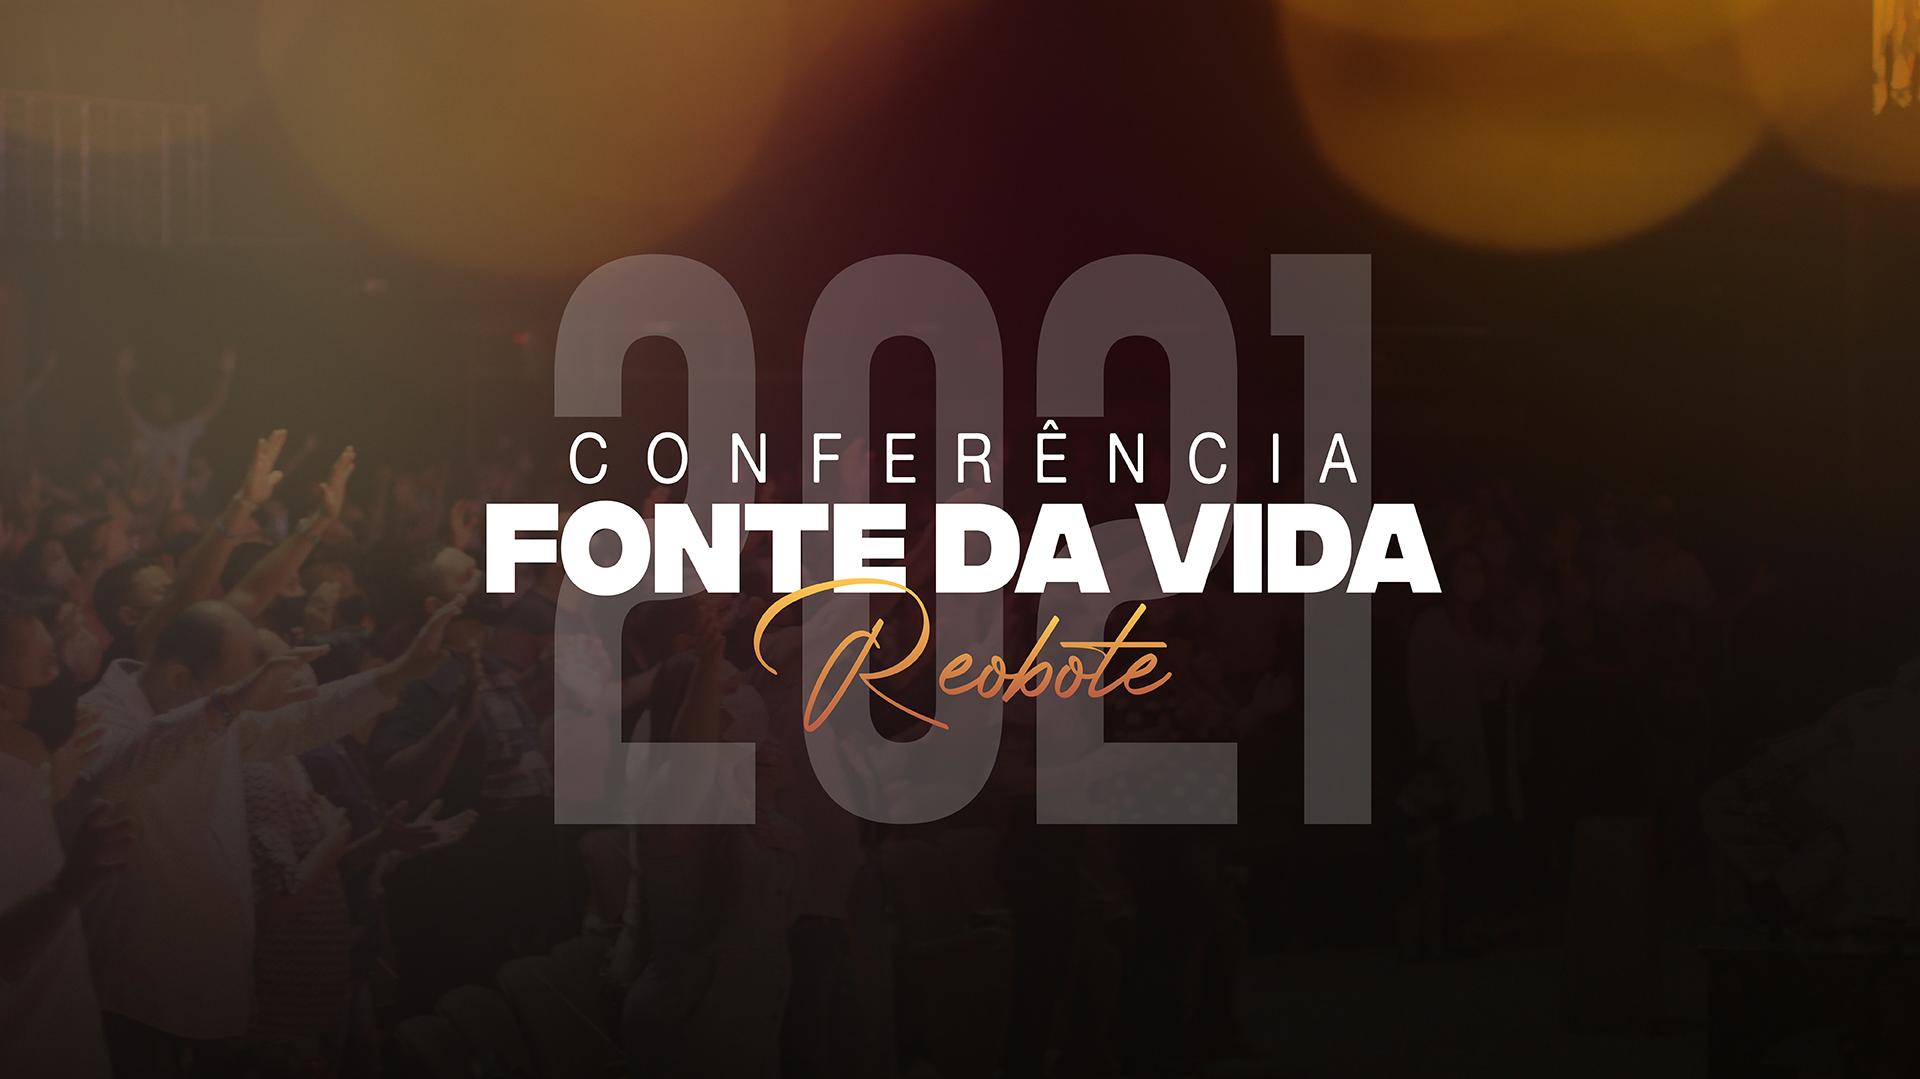 Conferência Fonte da Vida 2021 - Reobote